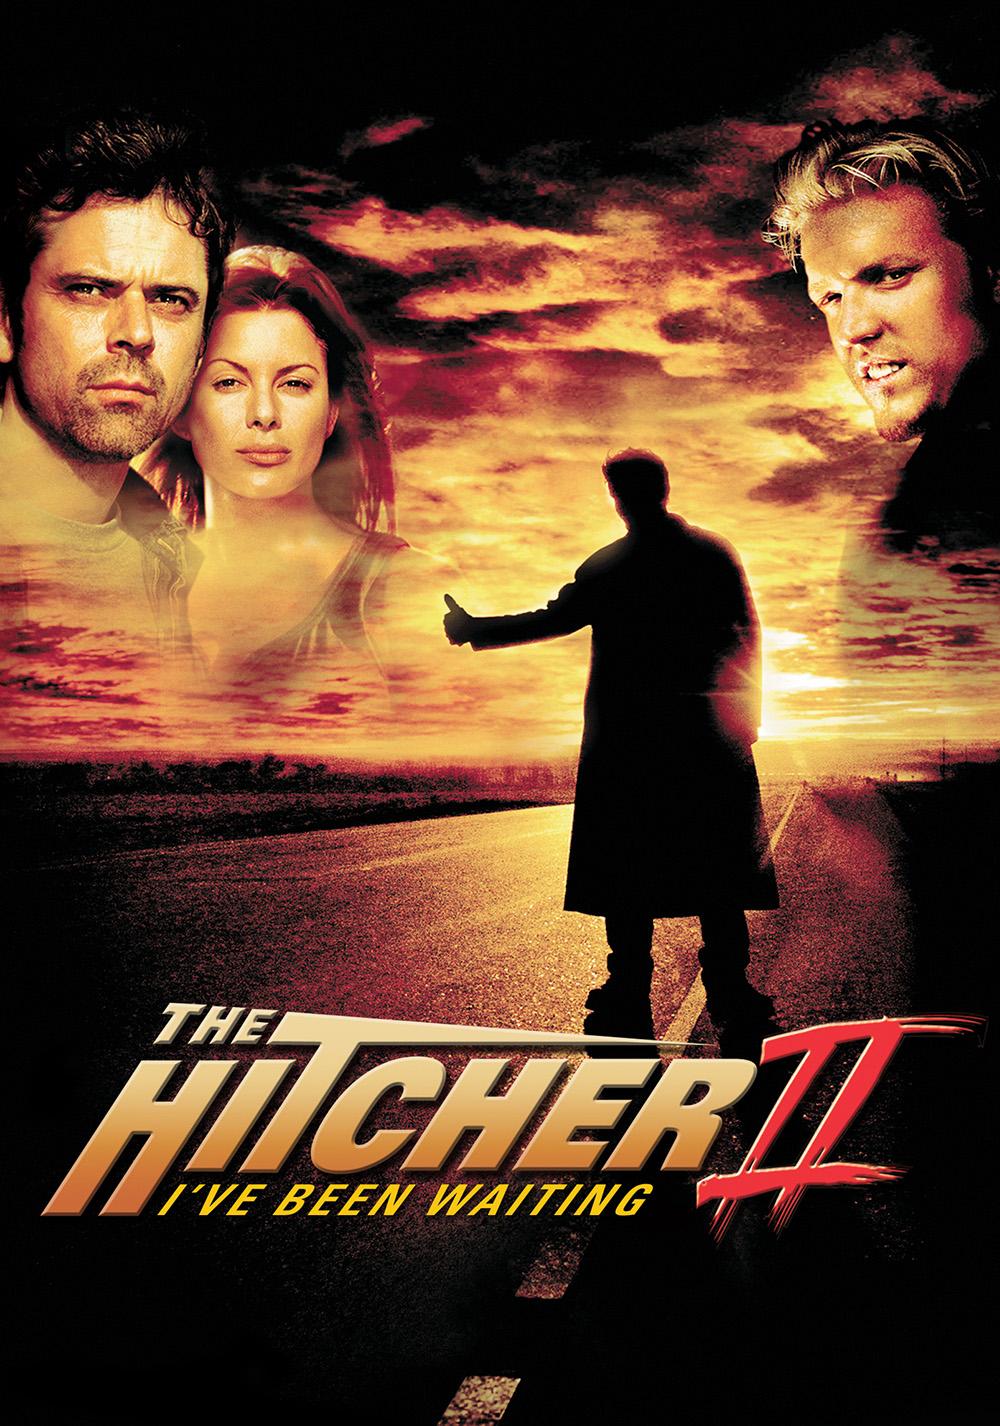 The Hitcher II: I\'ve Been Waiting